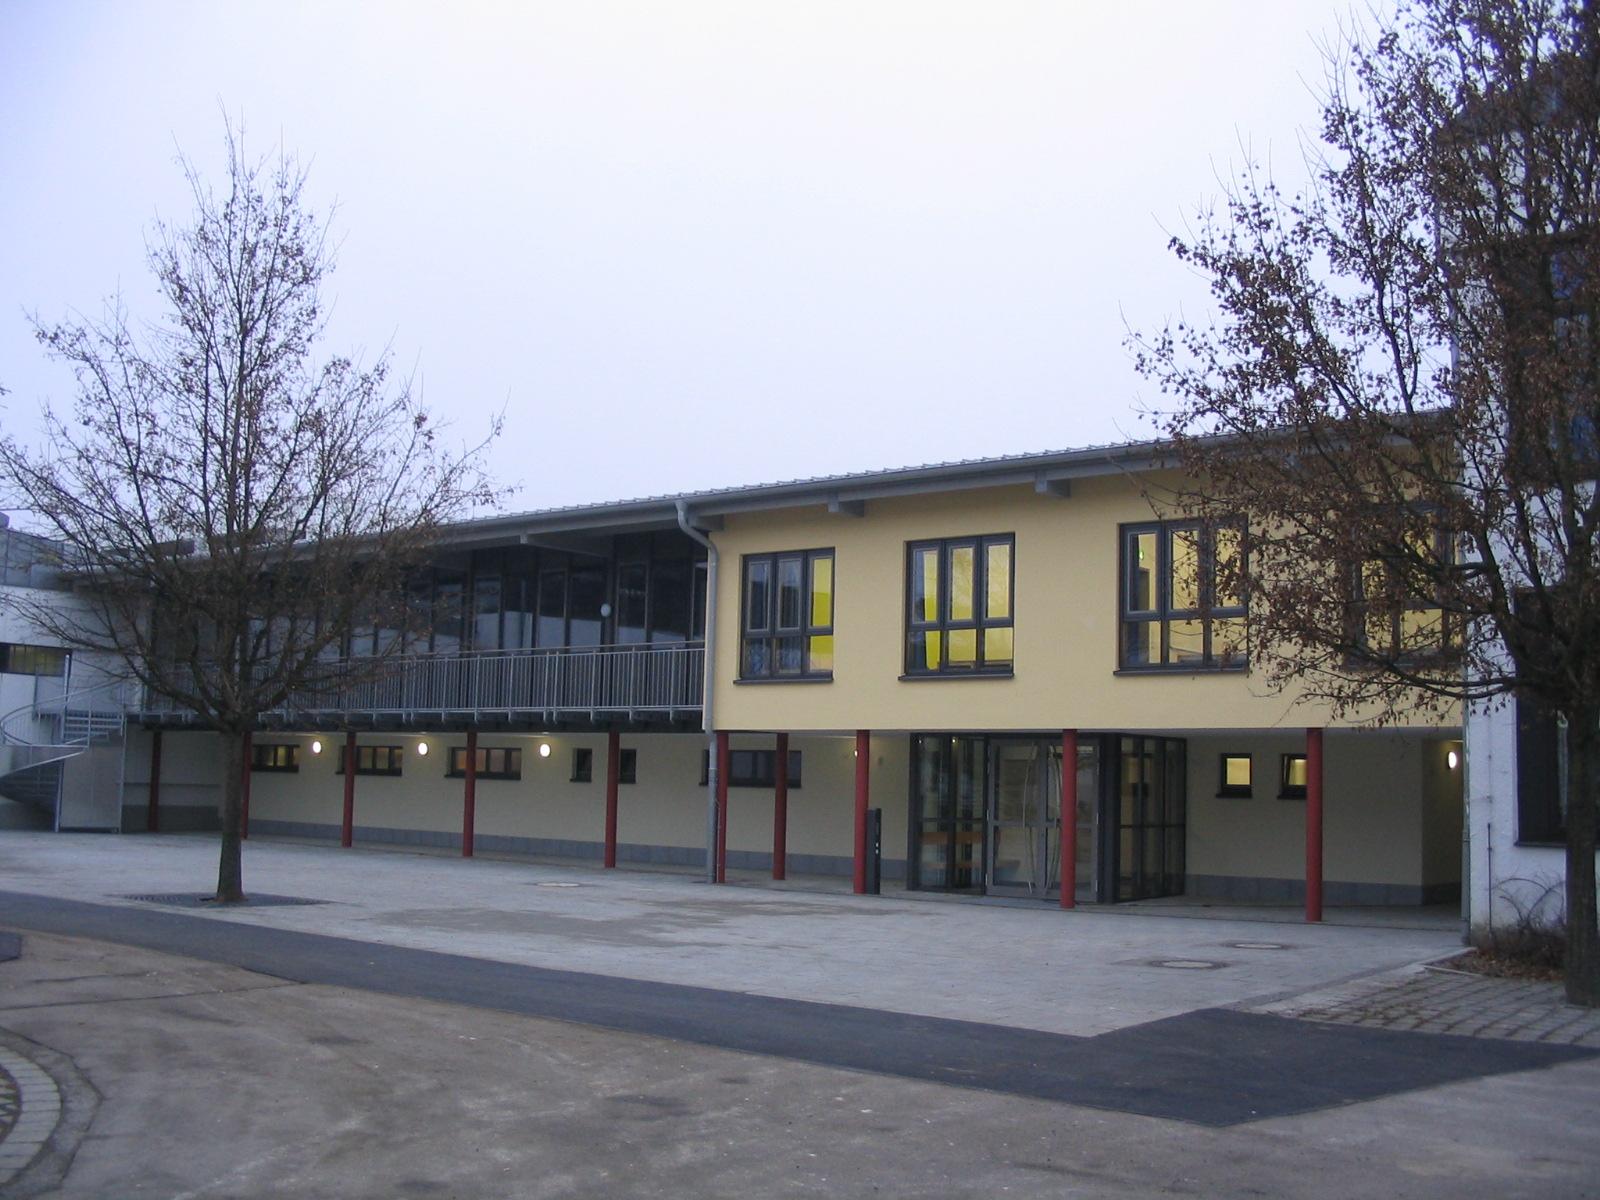 Umbau und Sanierung Einfachturnhalle, Altdorf 2007